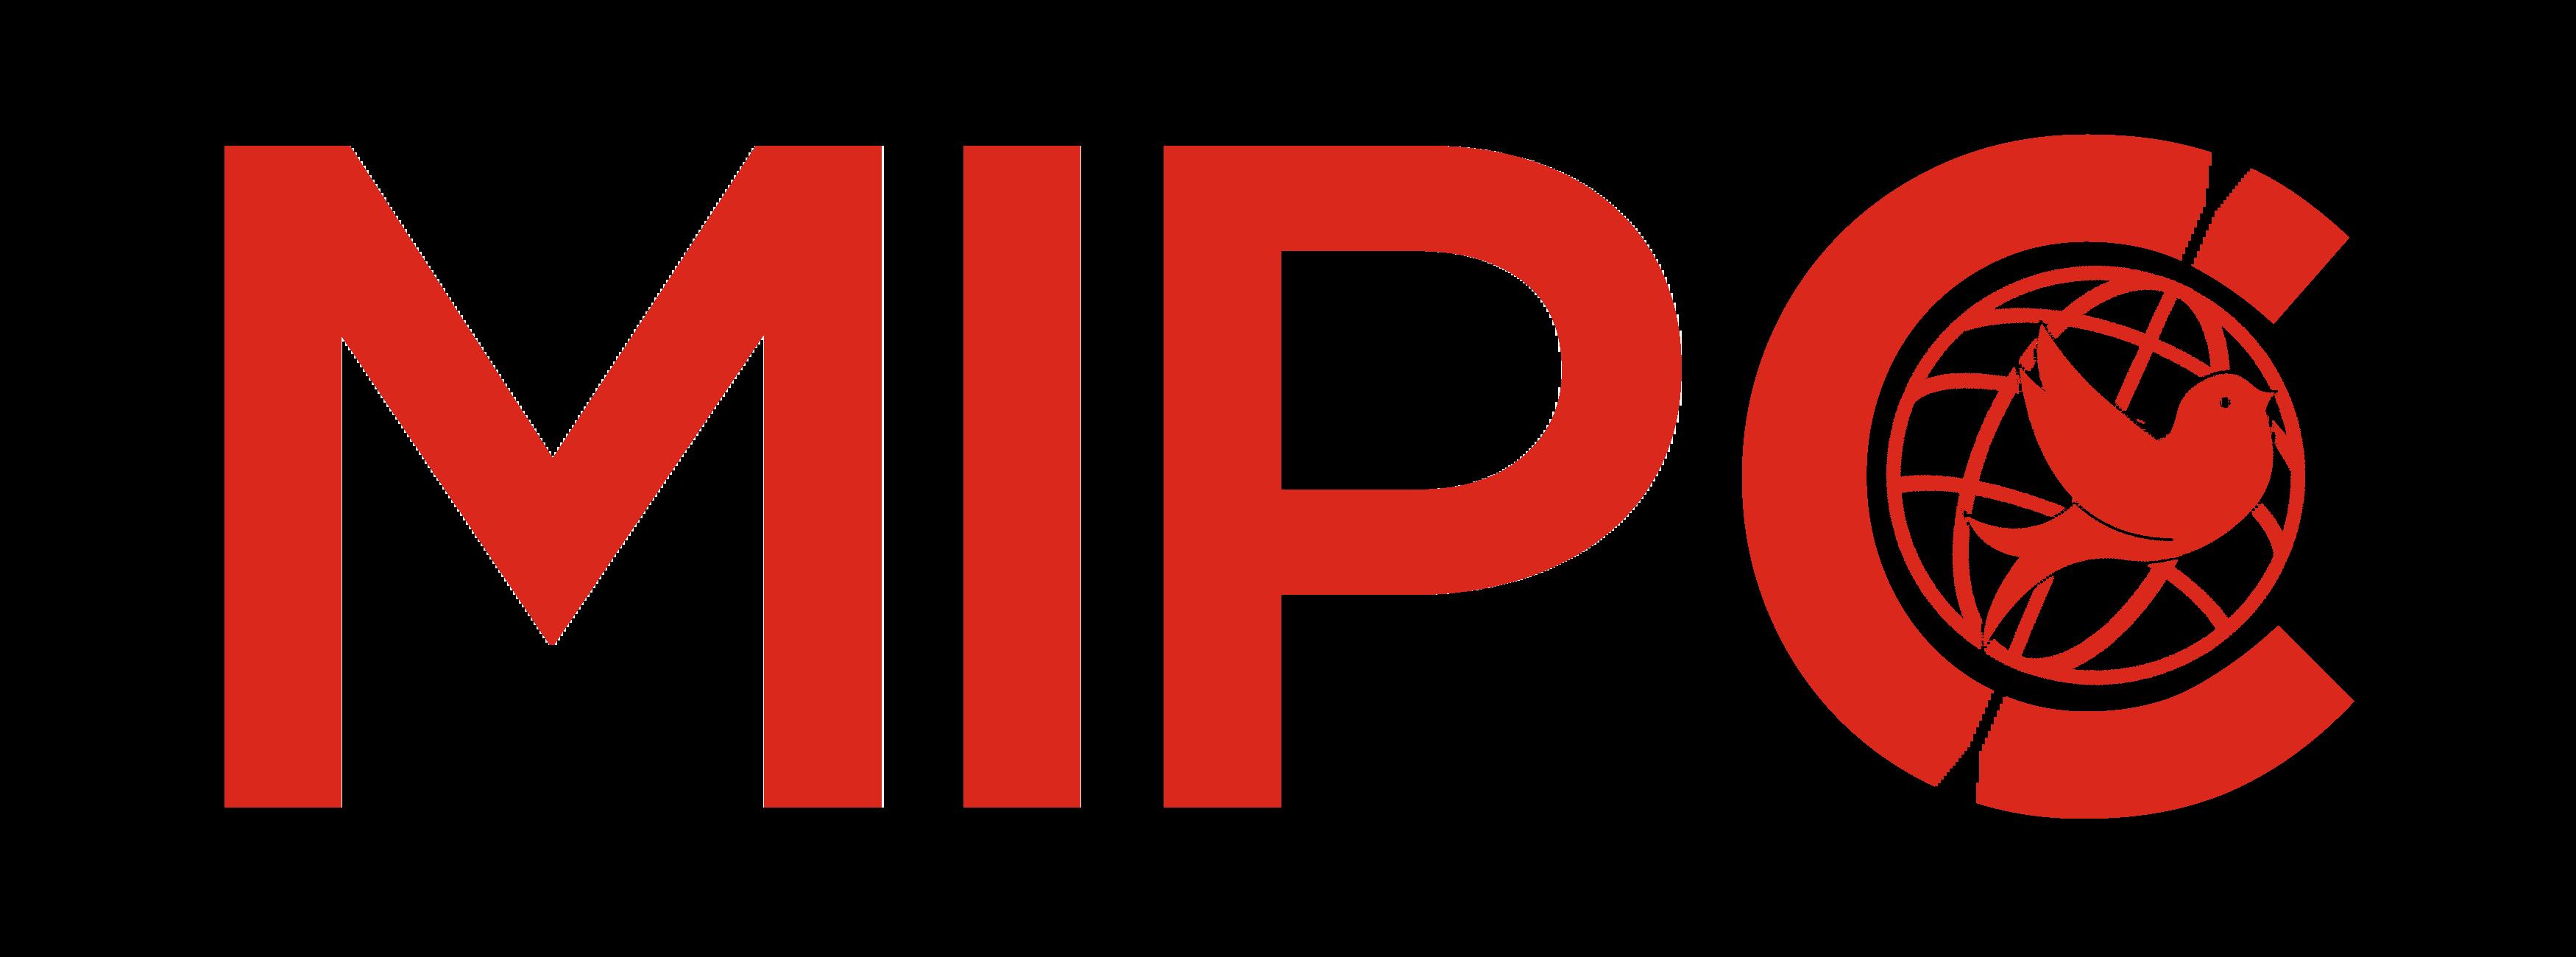 MIPC 2020